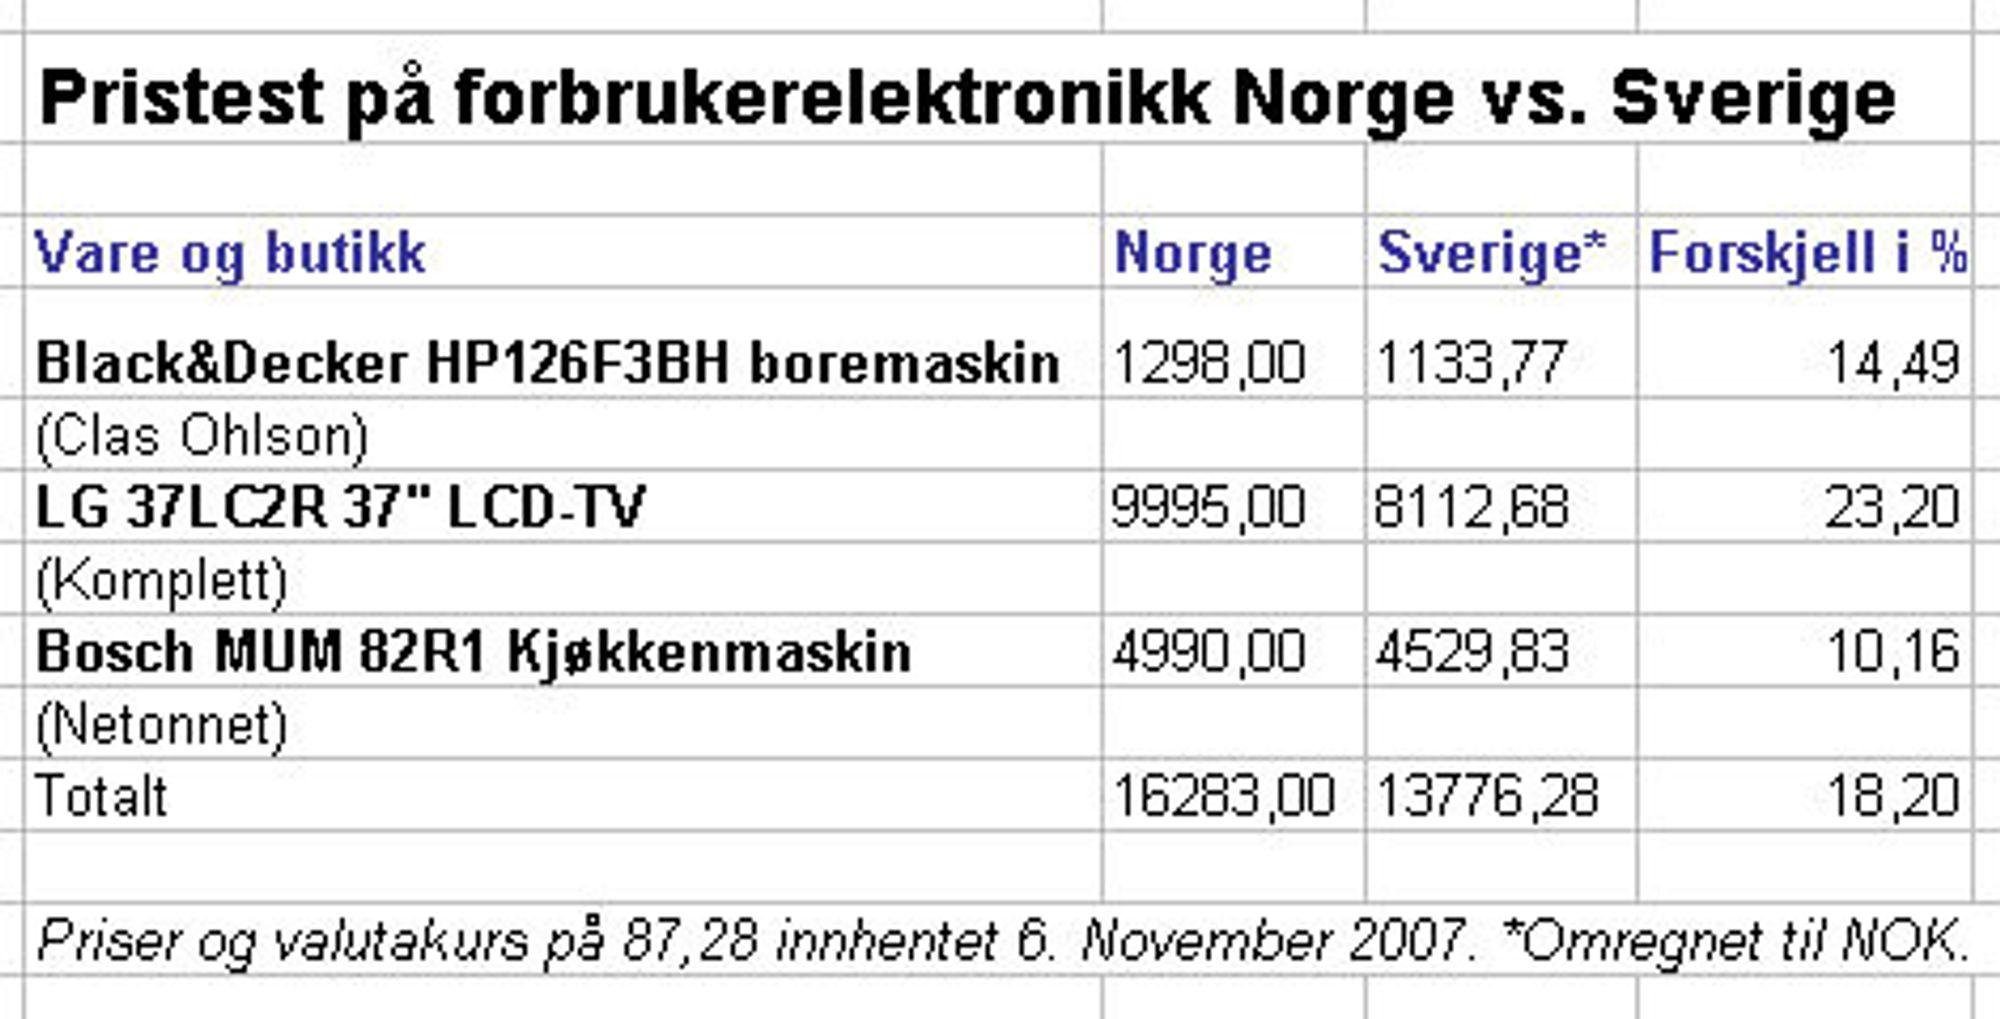 Dette koster varene i Sverige og Norge